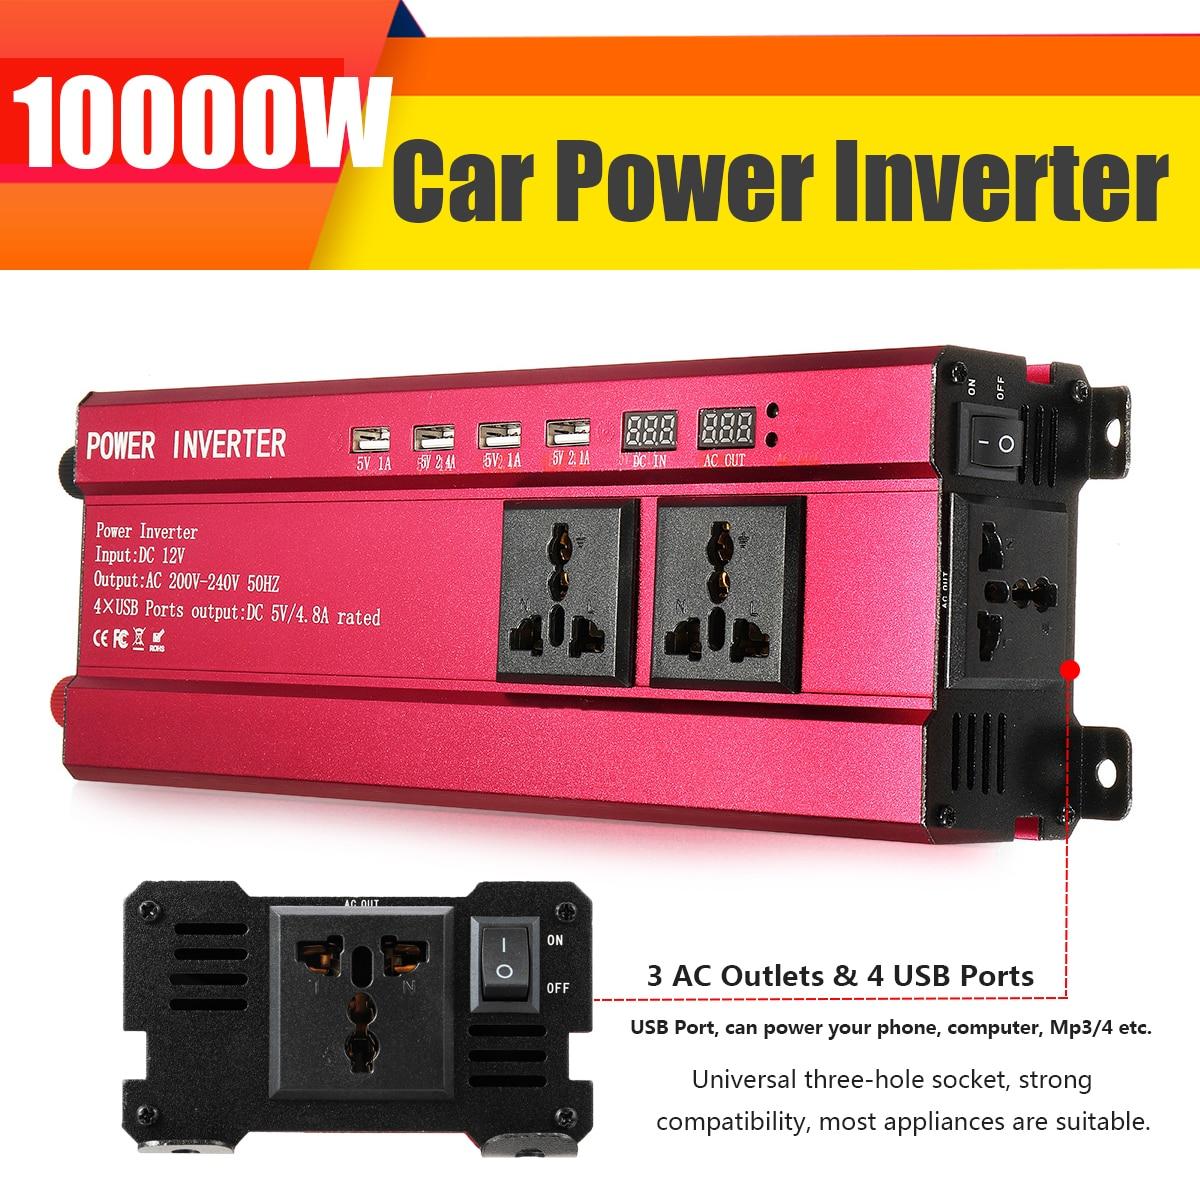 P eak 10000 w Carro Inversor de Energia Solar DC 12 v a AC 200-240 v de Onda Senoidal USB conversor de Voltagem Transformador USB Modificado Sine Wave